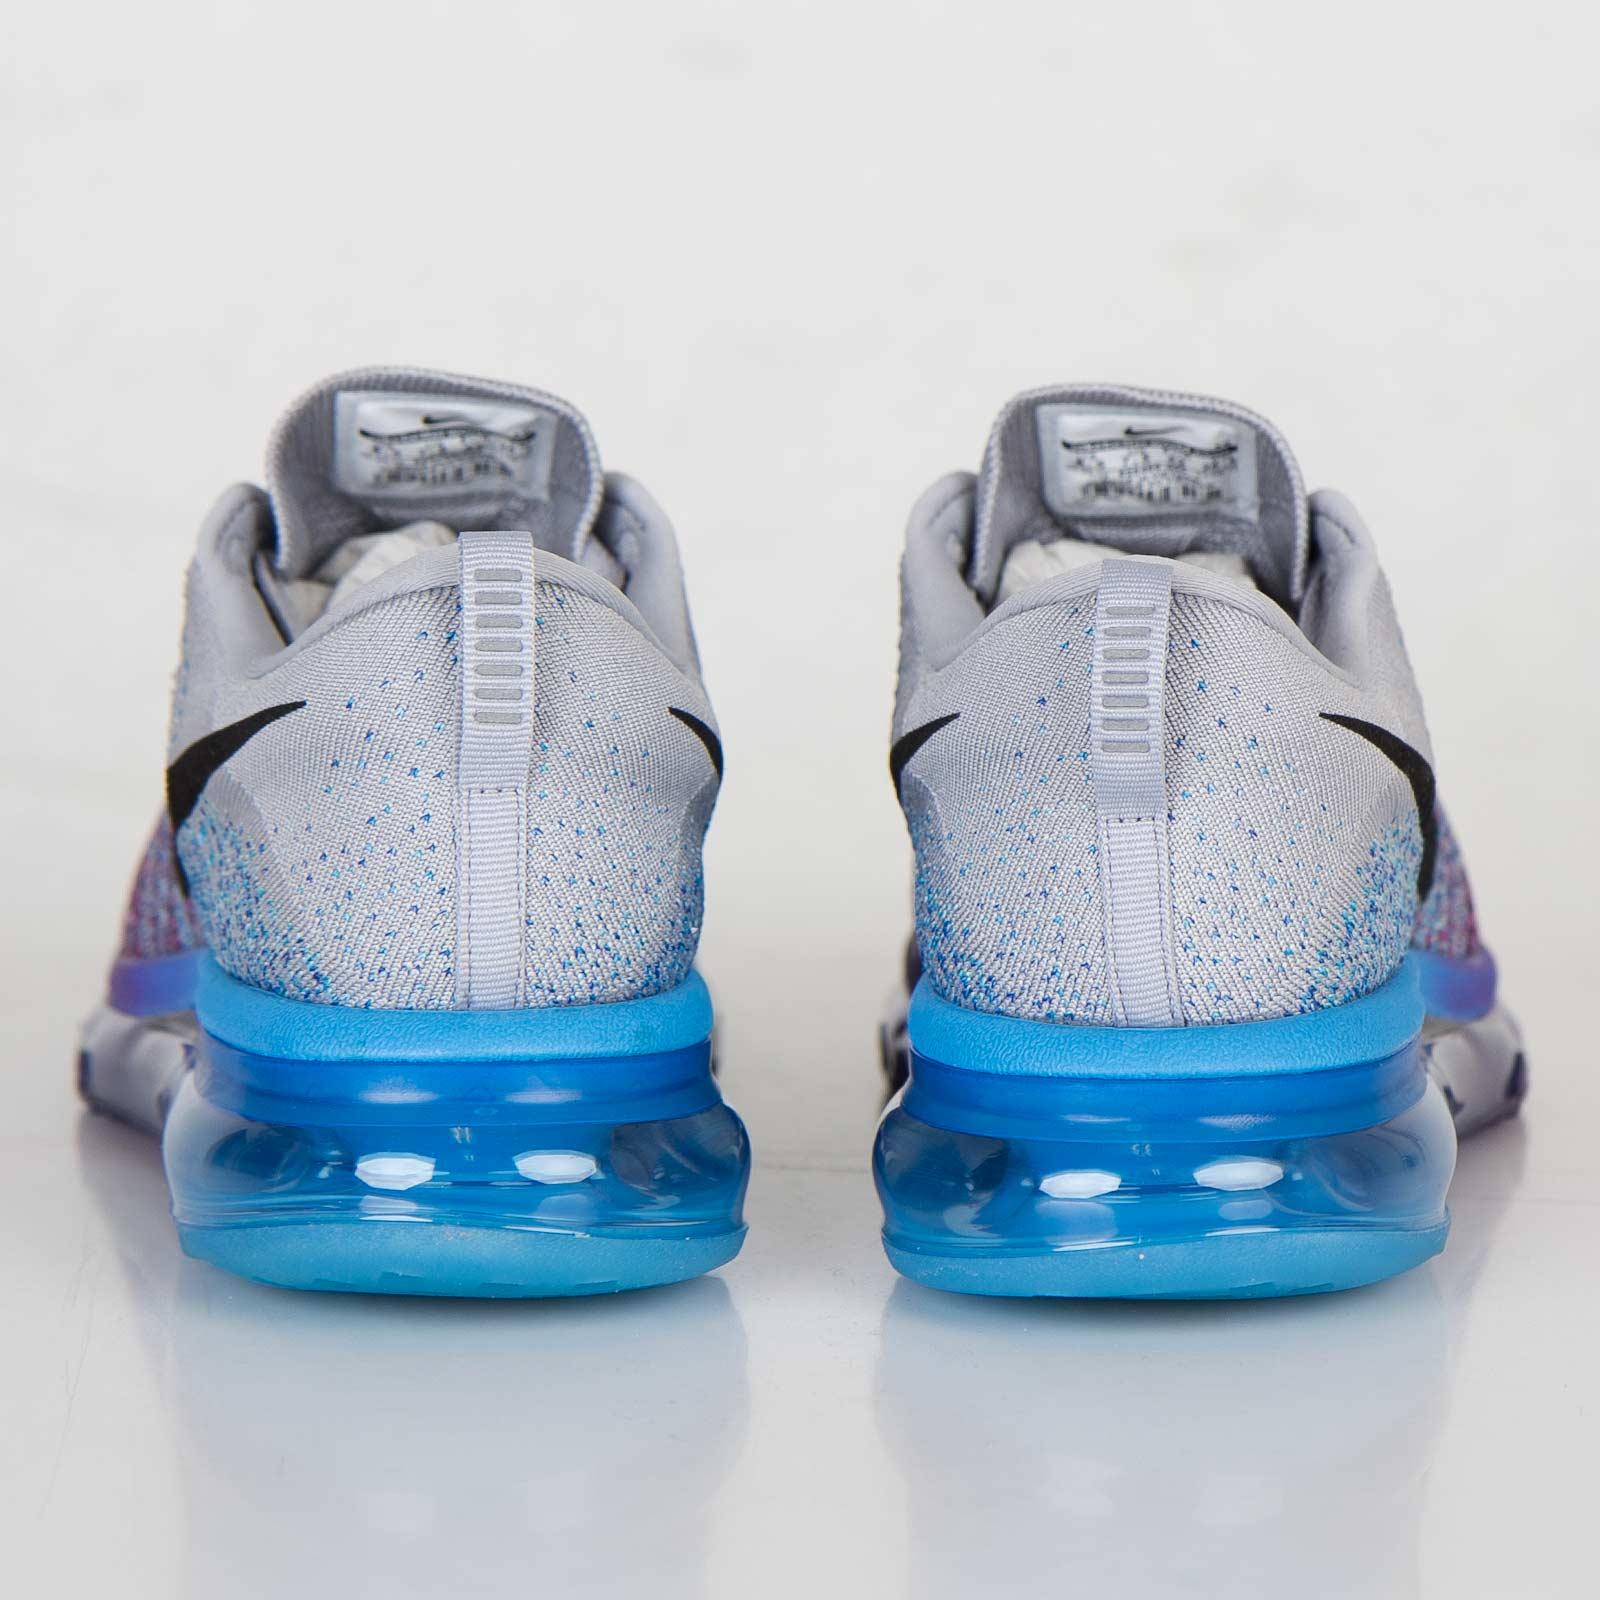 20e5cd862b Nike Flyknit Air Max - 620469-005 - Sneakersnstuff   sneakers & streetwear  online since 1999